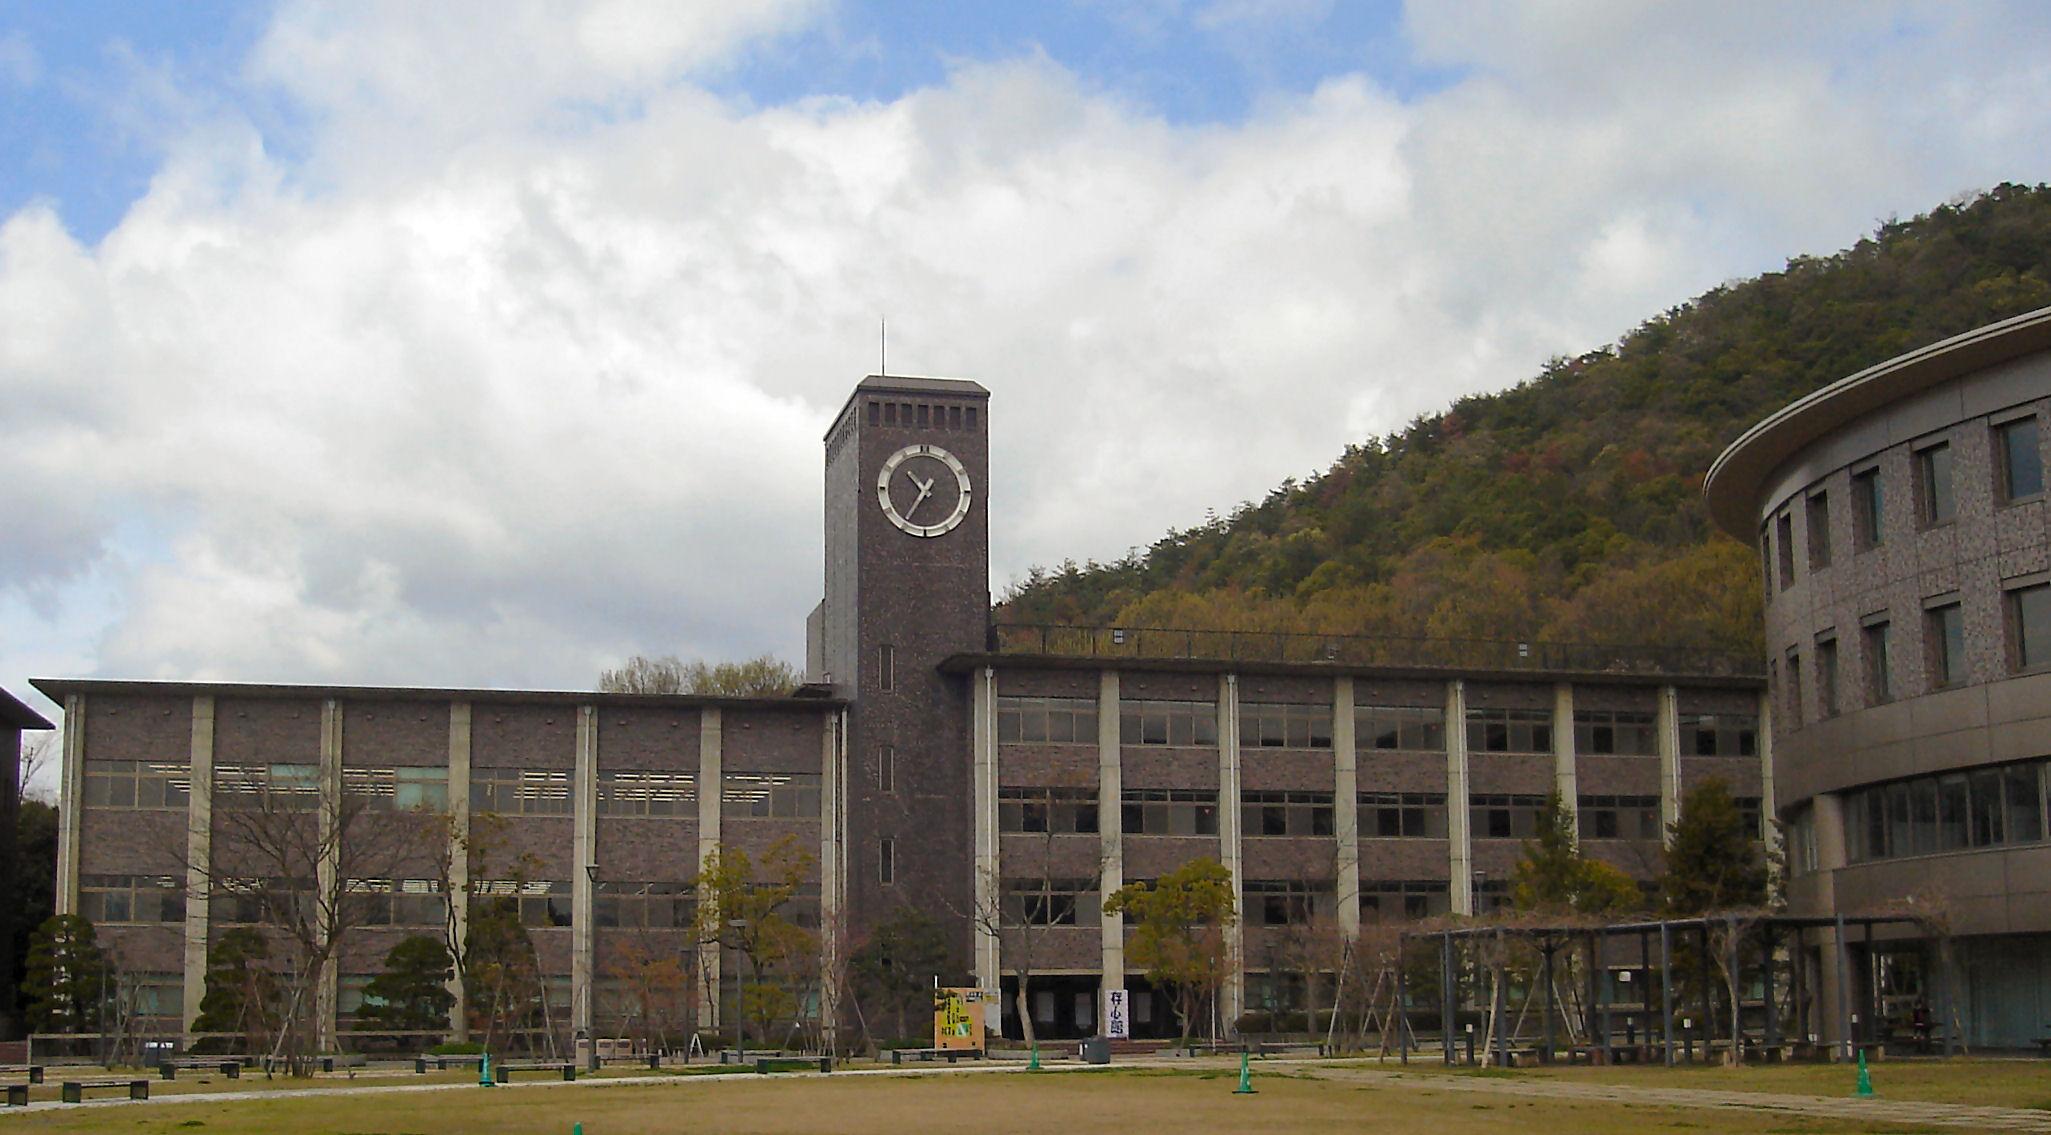 偏差 京都 値 大学 橘